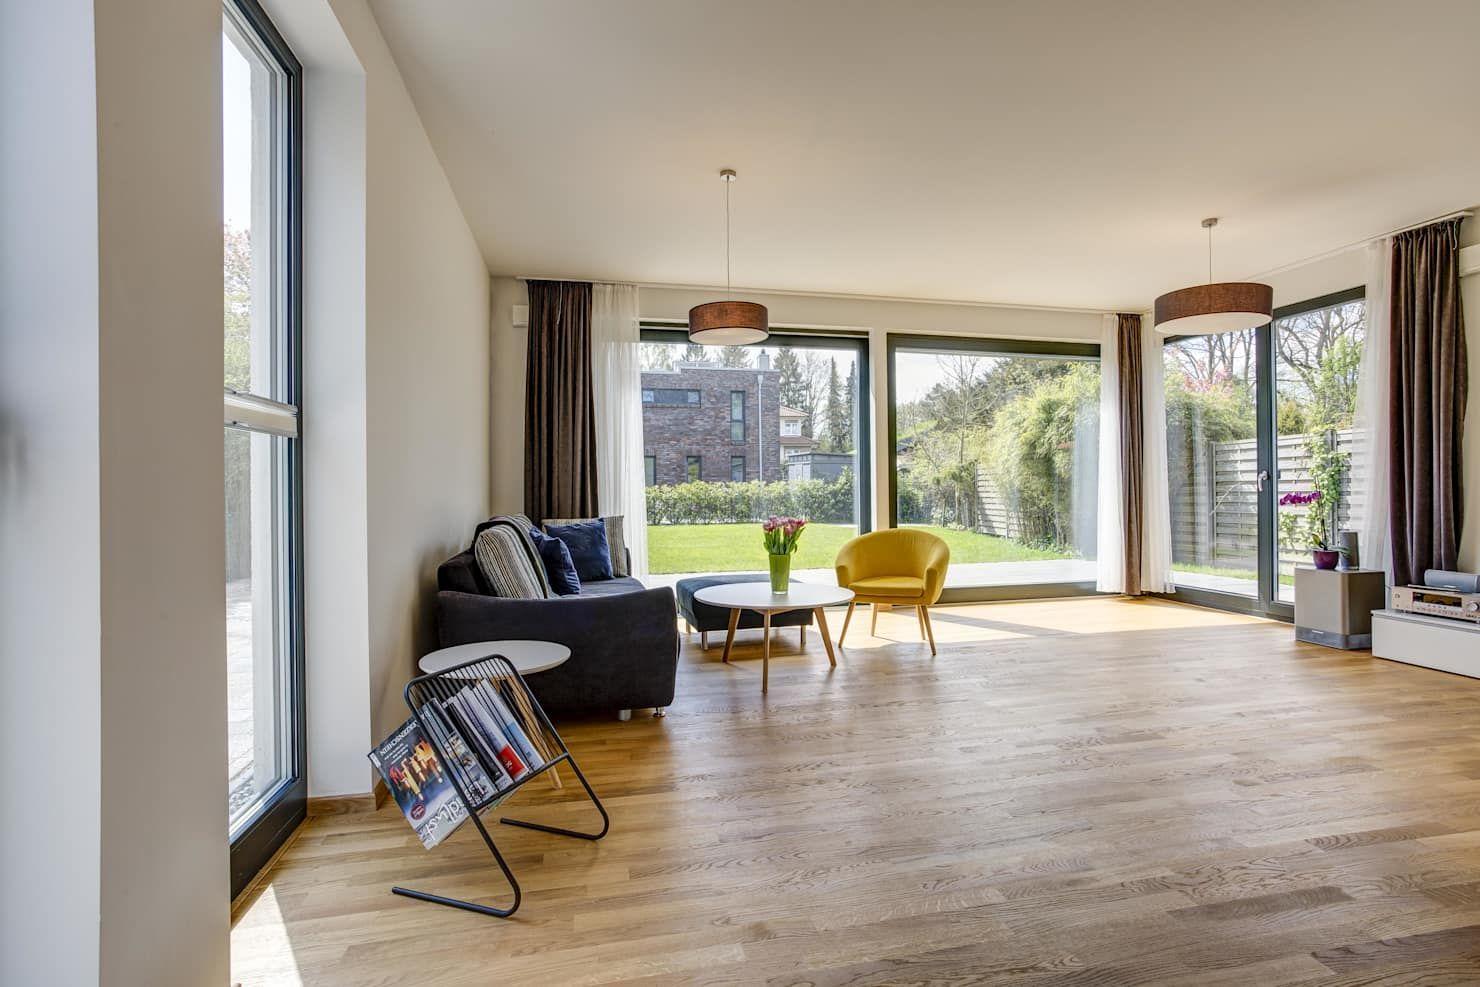 Wohnbereich moderne wohnzimmer von architekturbüro prell ...